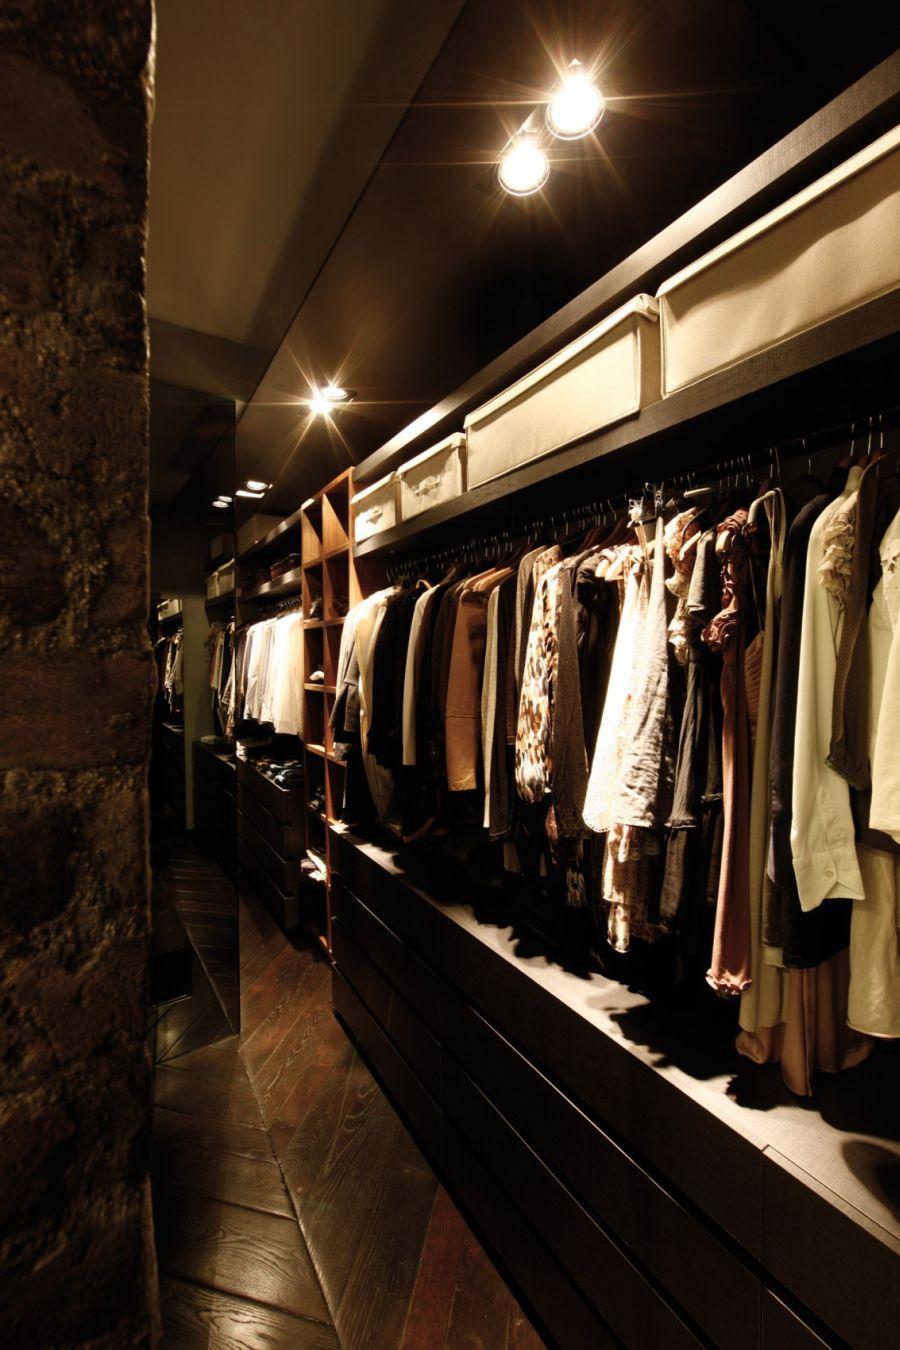 Walk-in closet in the Doria Home